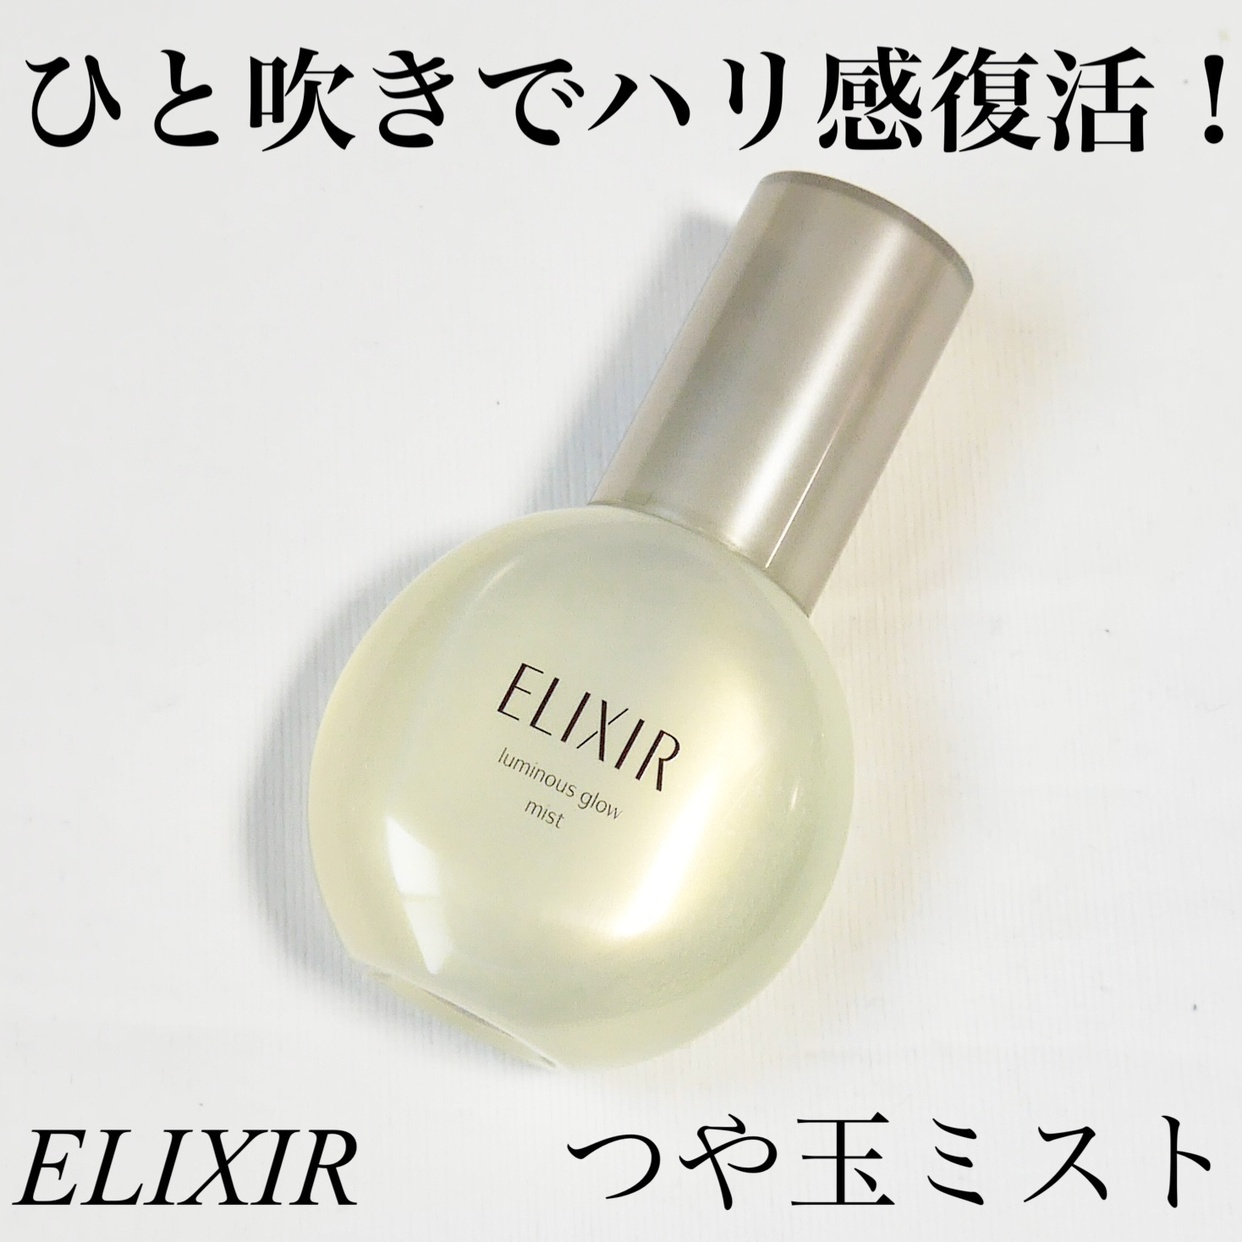 ELIXIR(エリクシール) シュペリエル つや玉ミストの良い点・メリットに関するcos.riocaさんの口コミ画像1